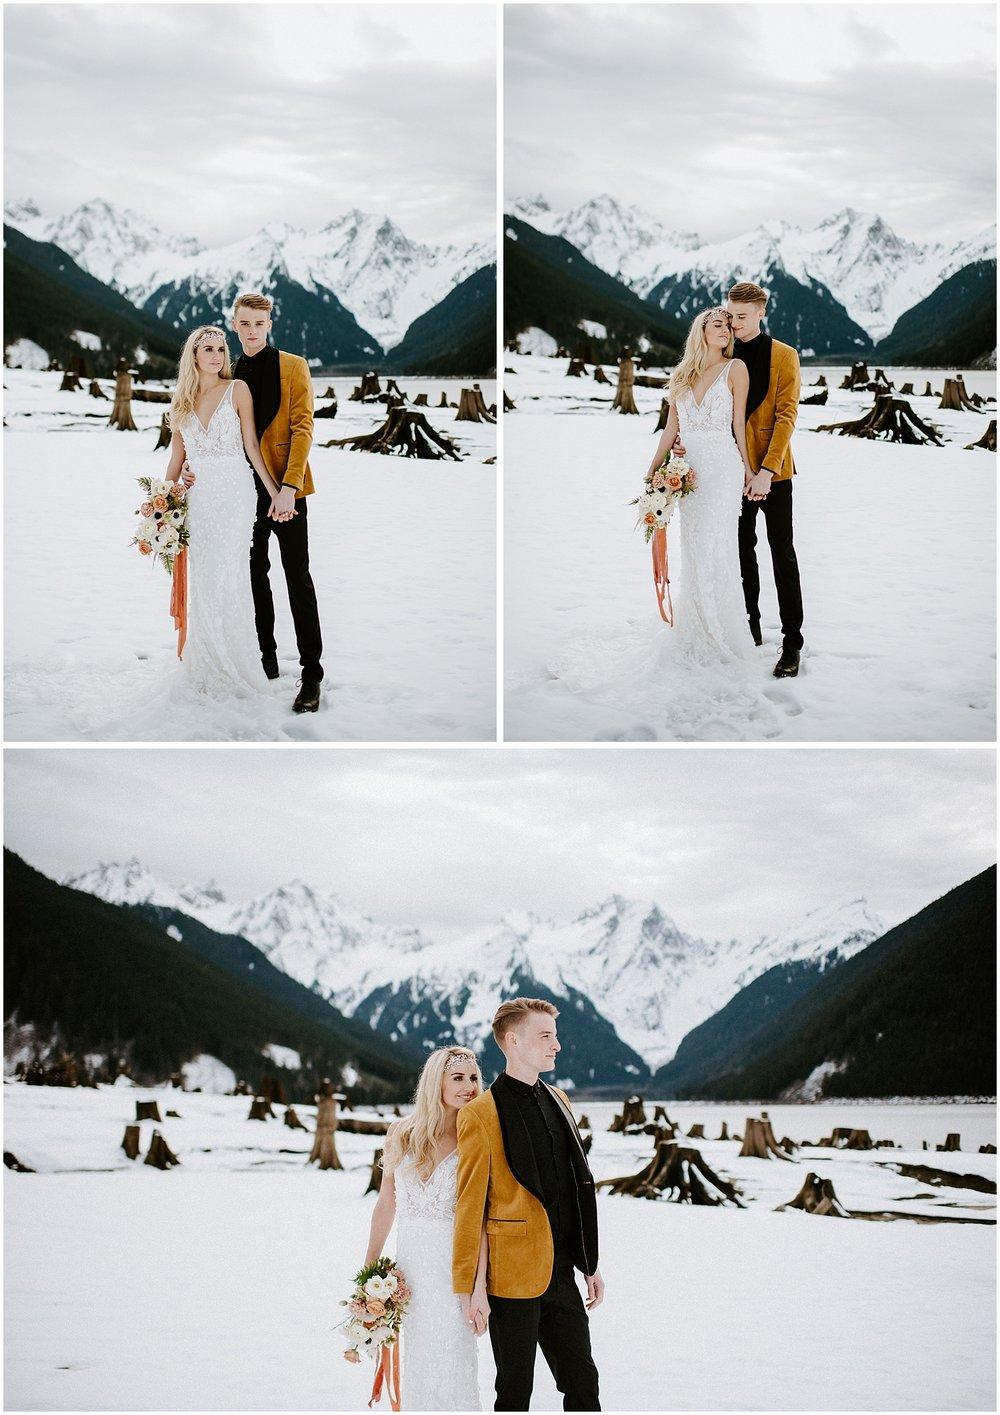 Jones_Lake_wedding_winter_elopement_vancouver_photographer_0248.jpg